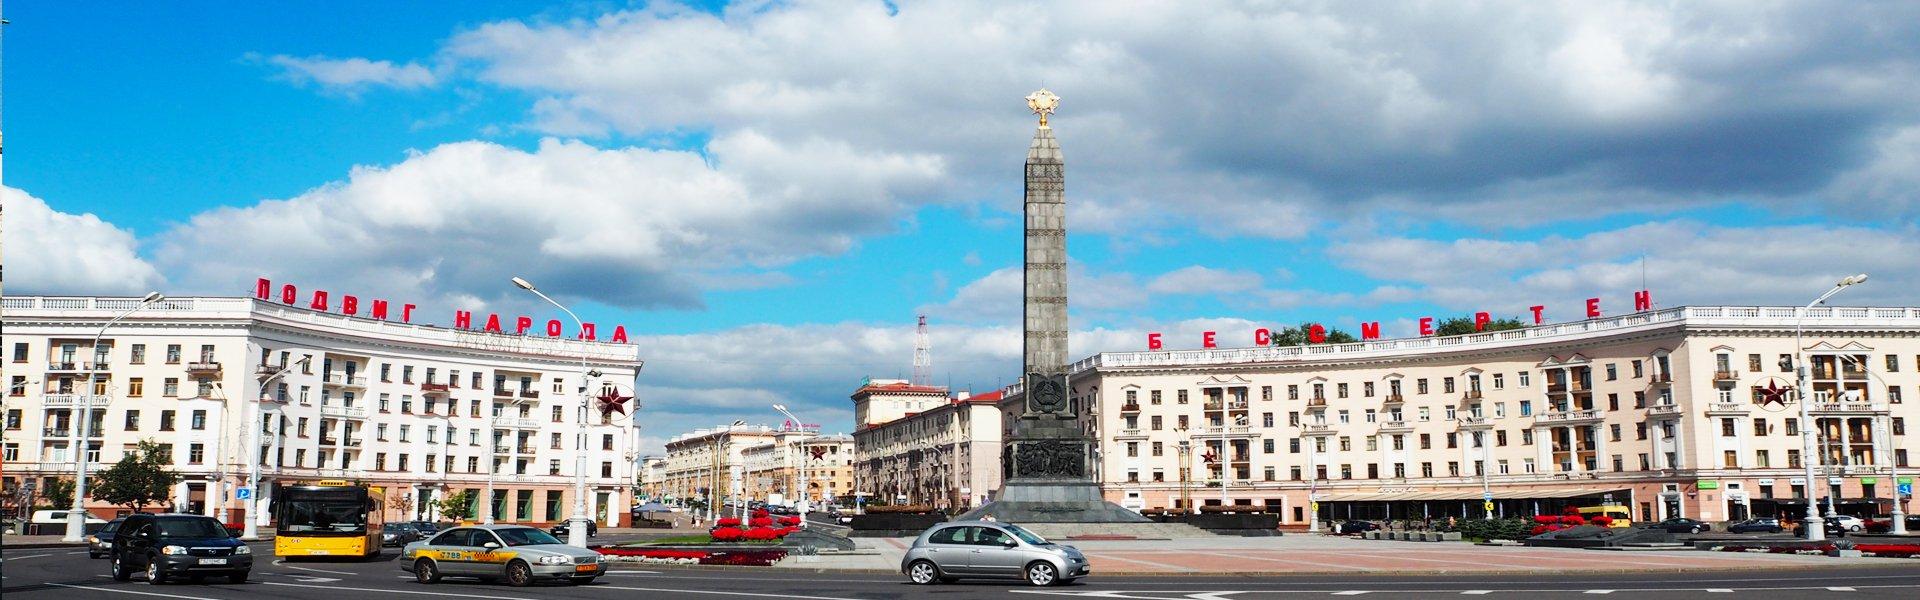 Onafhankelijkheidsplein in Minsk, Wit-Rusland